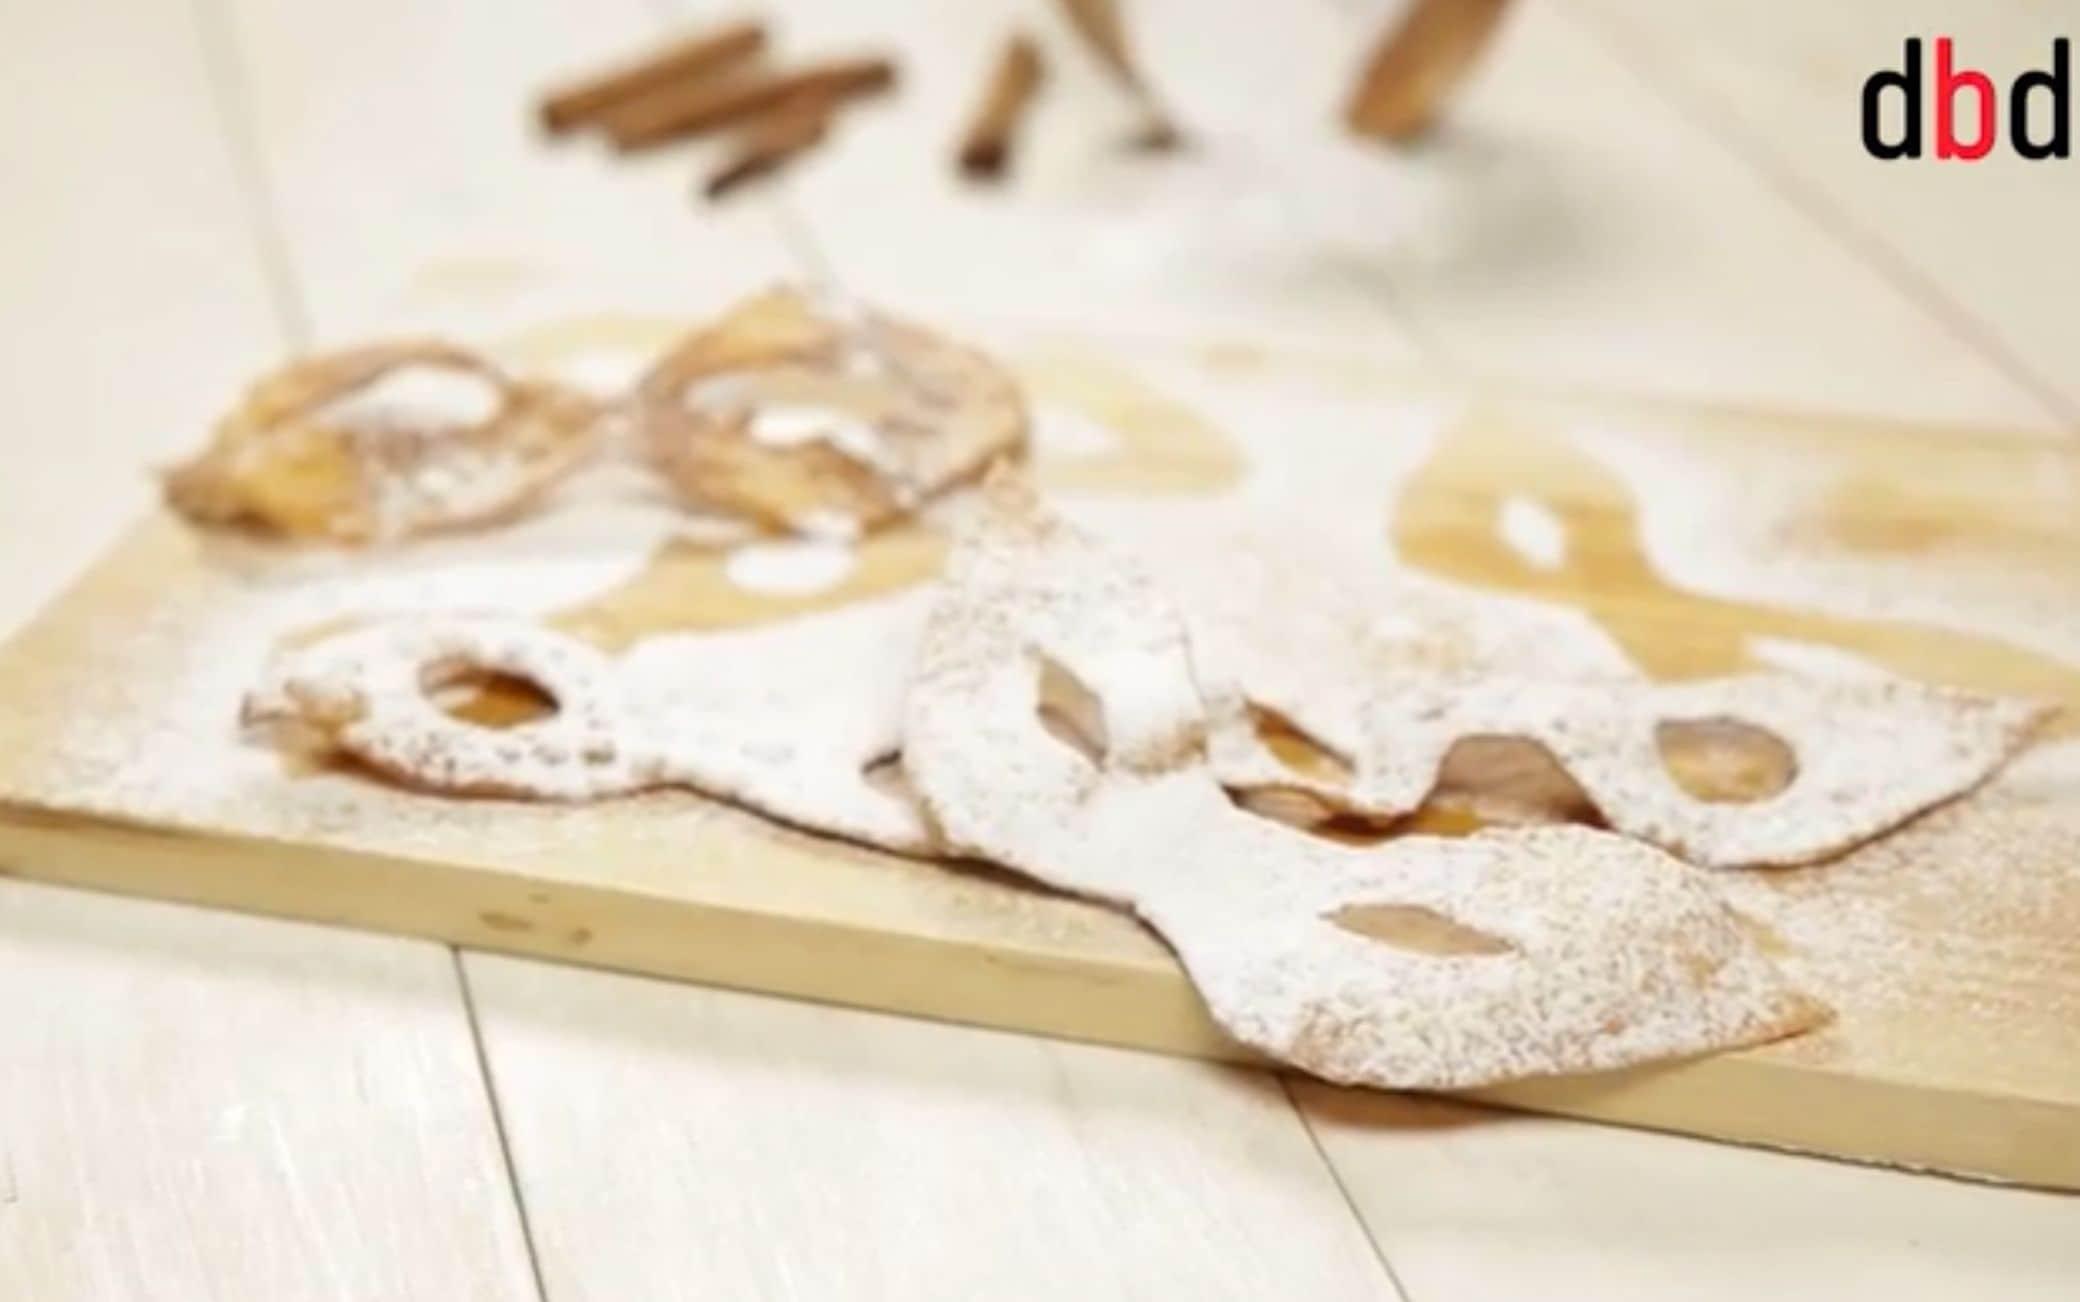 Maschere dolci di Carnevale, l'alternativa alle chiacchiere classiche